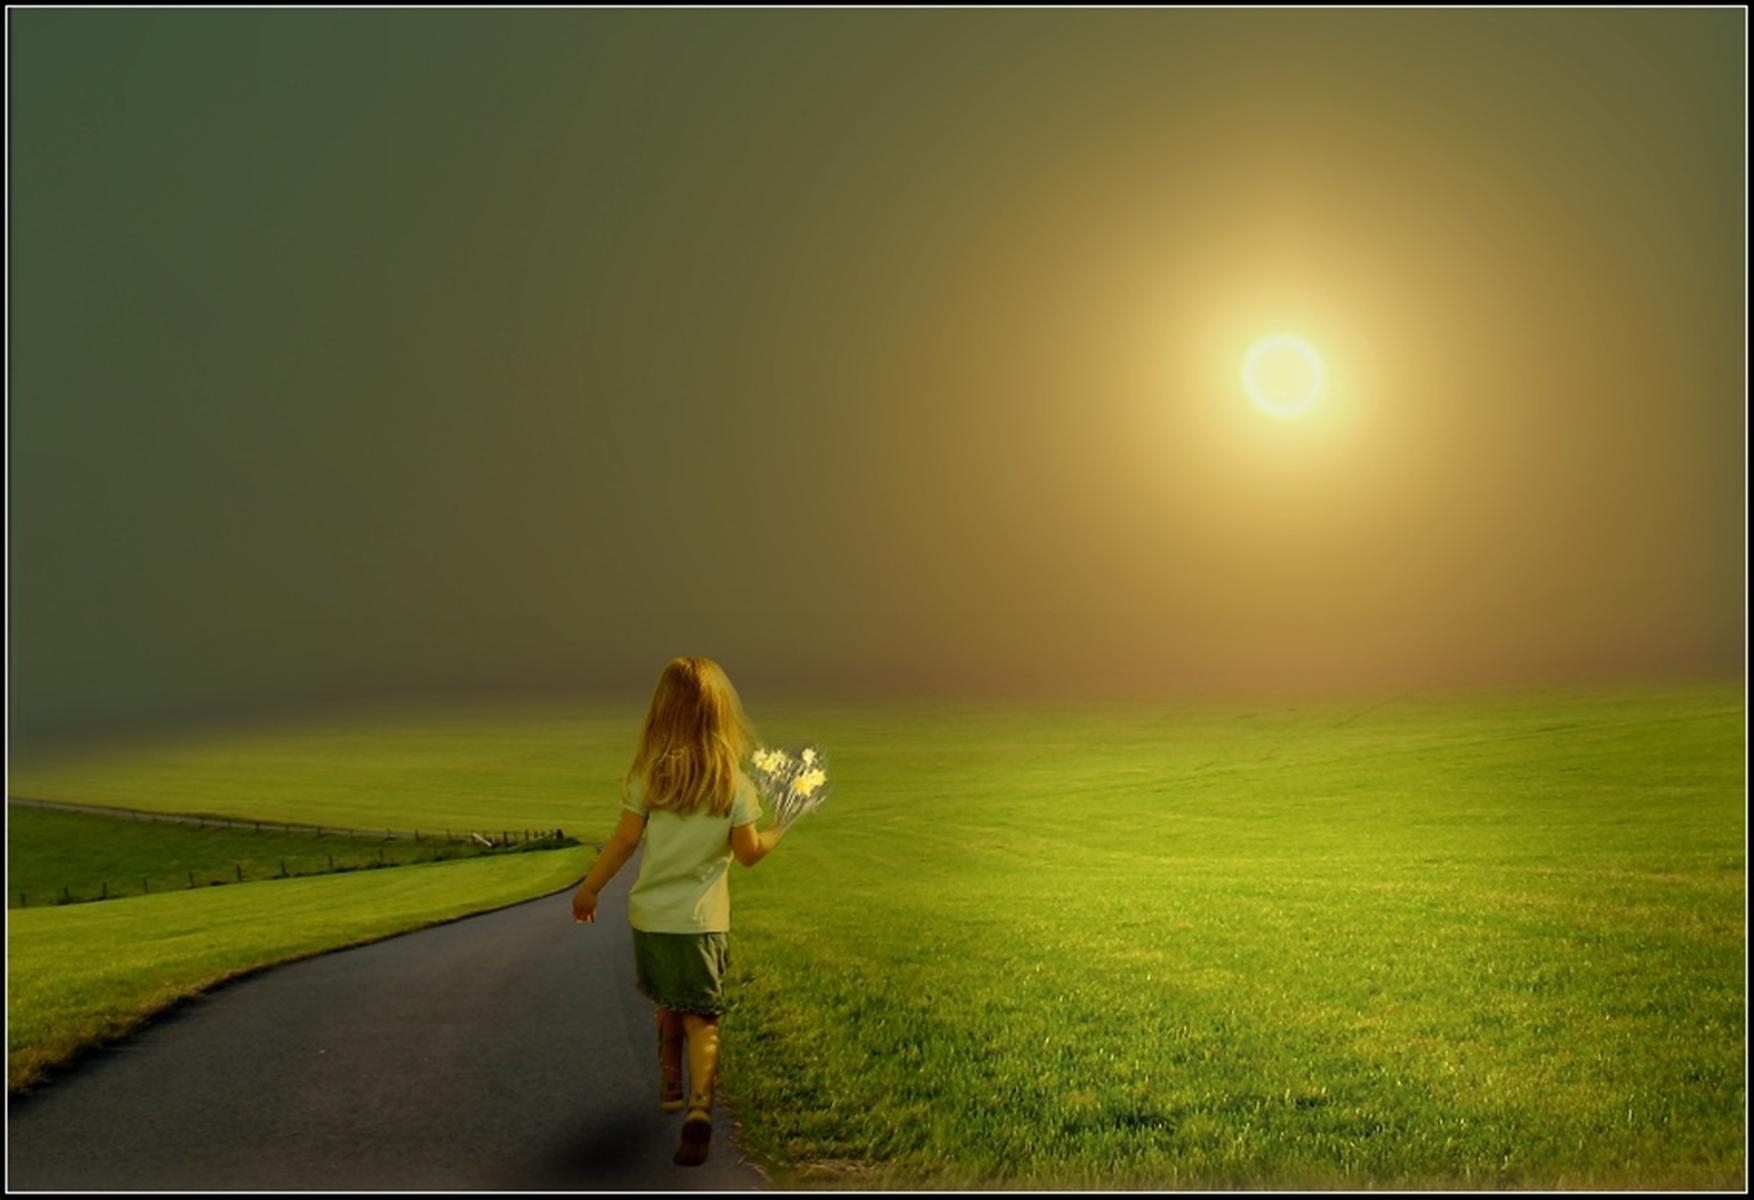 образом, чтобы жизненный путь освещал пожелание школьном возрасте мальчик